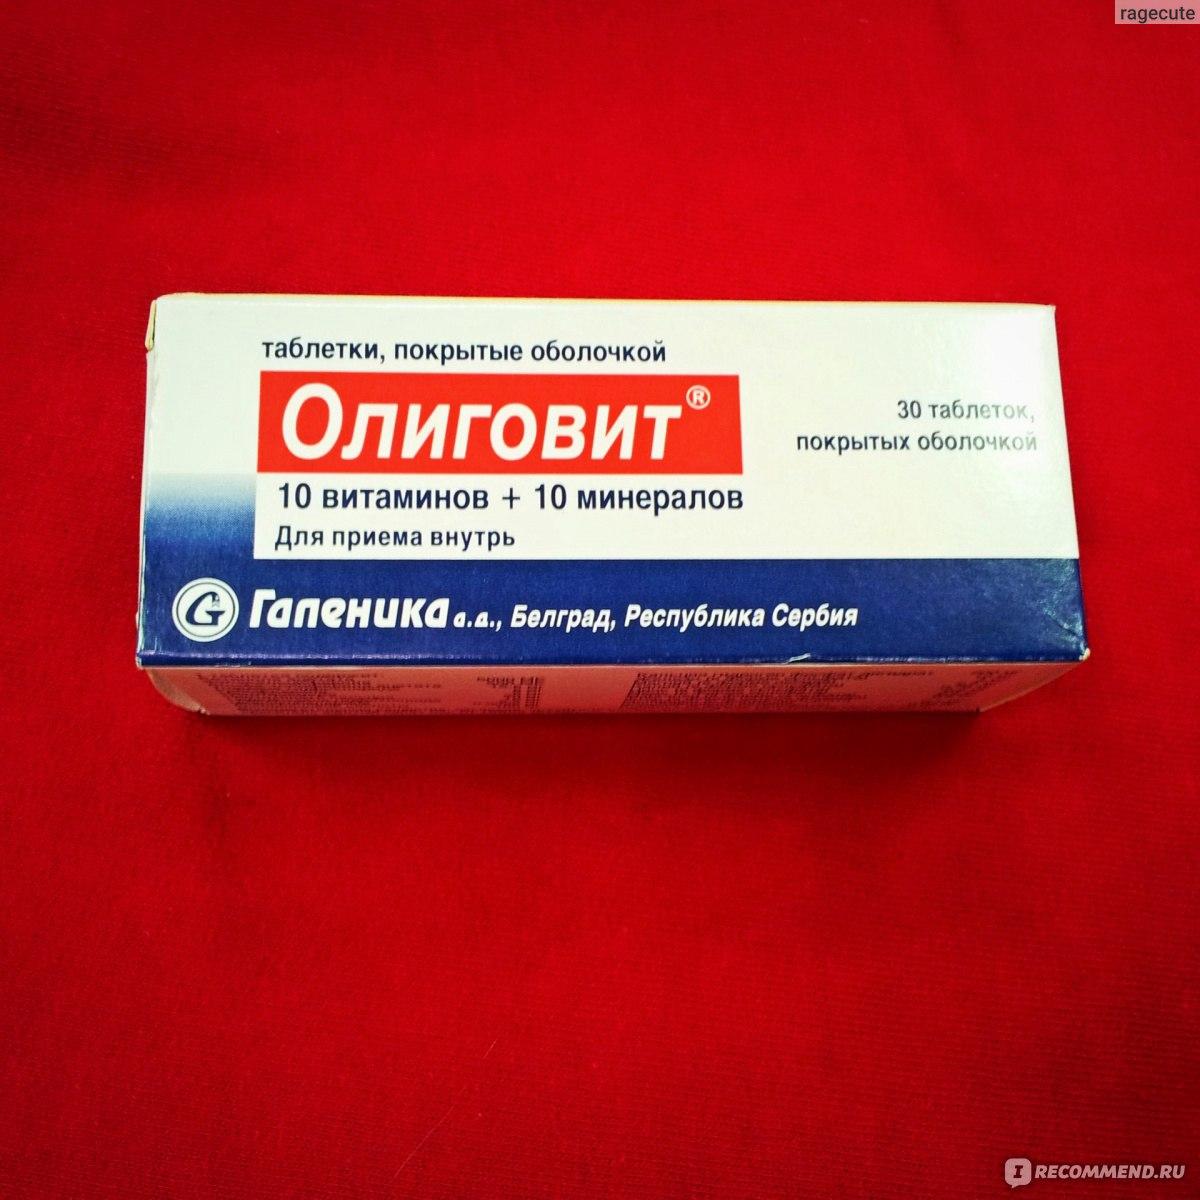 Олиговит - отзывы об олиговите